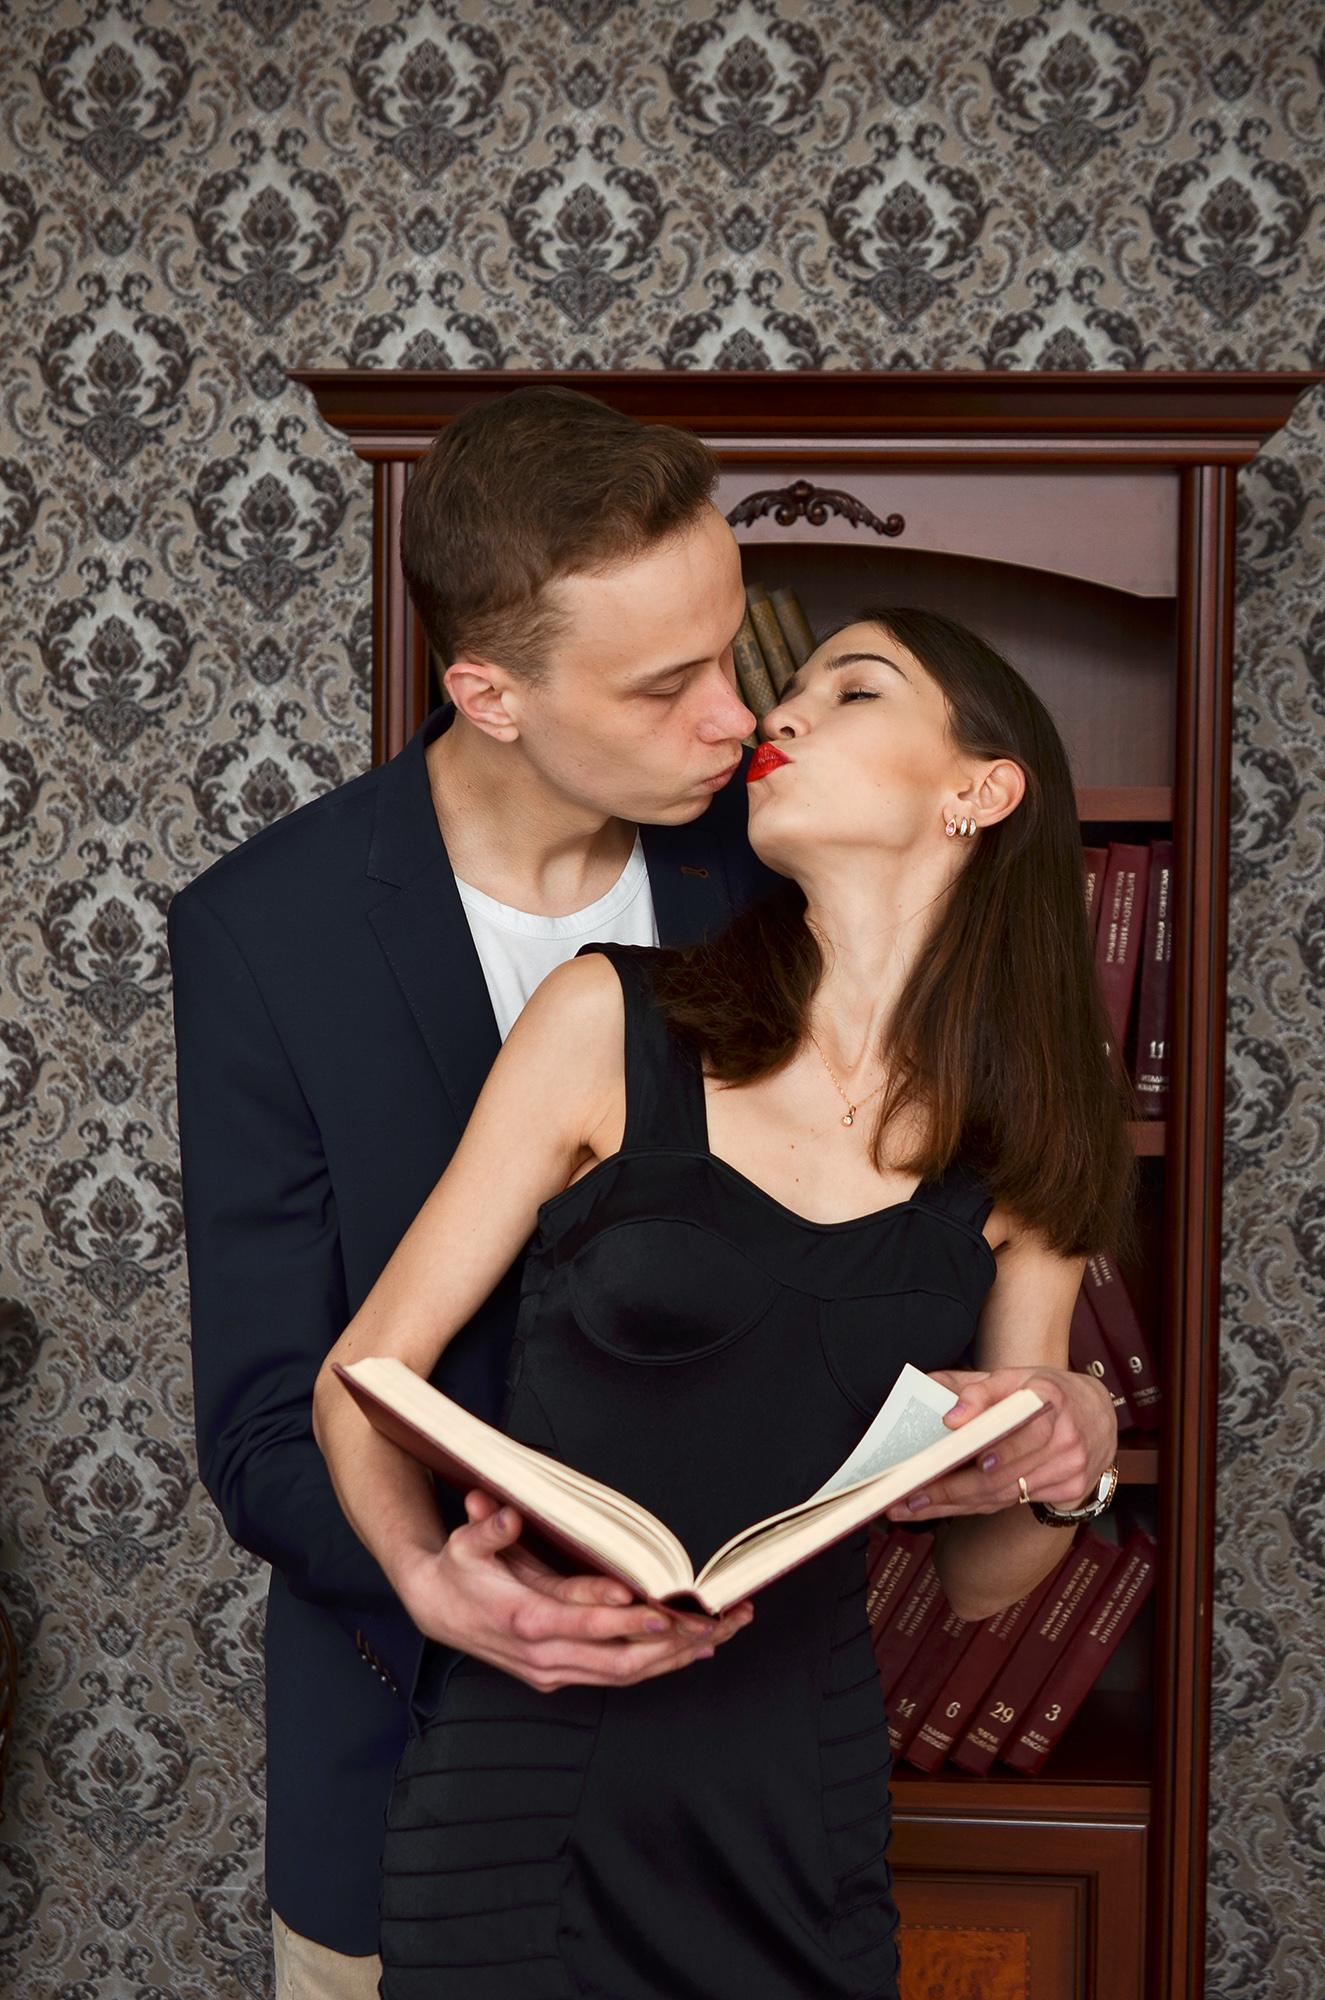 любовная фотосессия, фотосессия на 8 марта, пристрастье, милая фотография на 8 марта, поцелуй